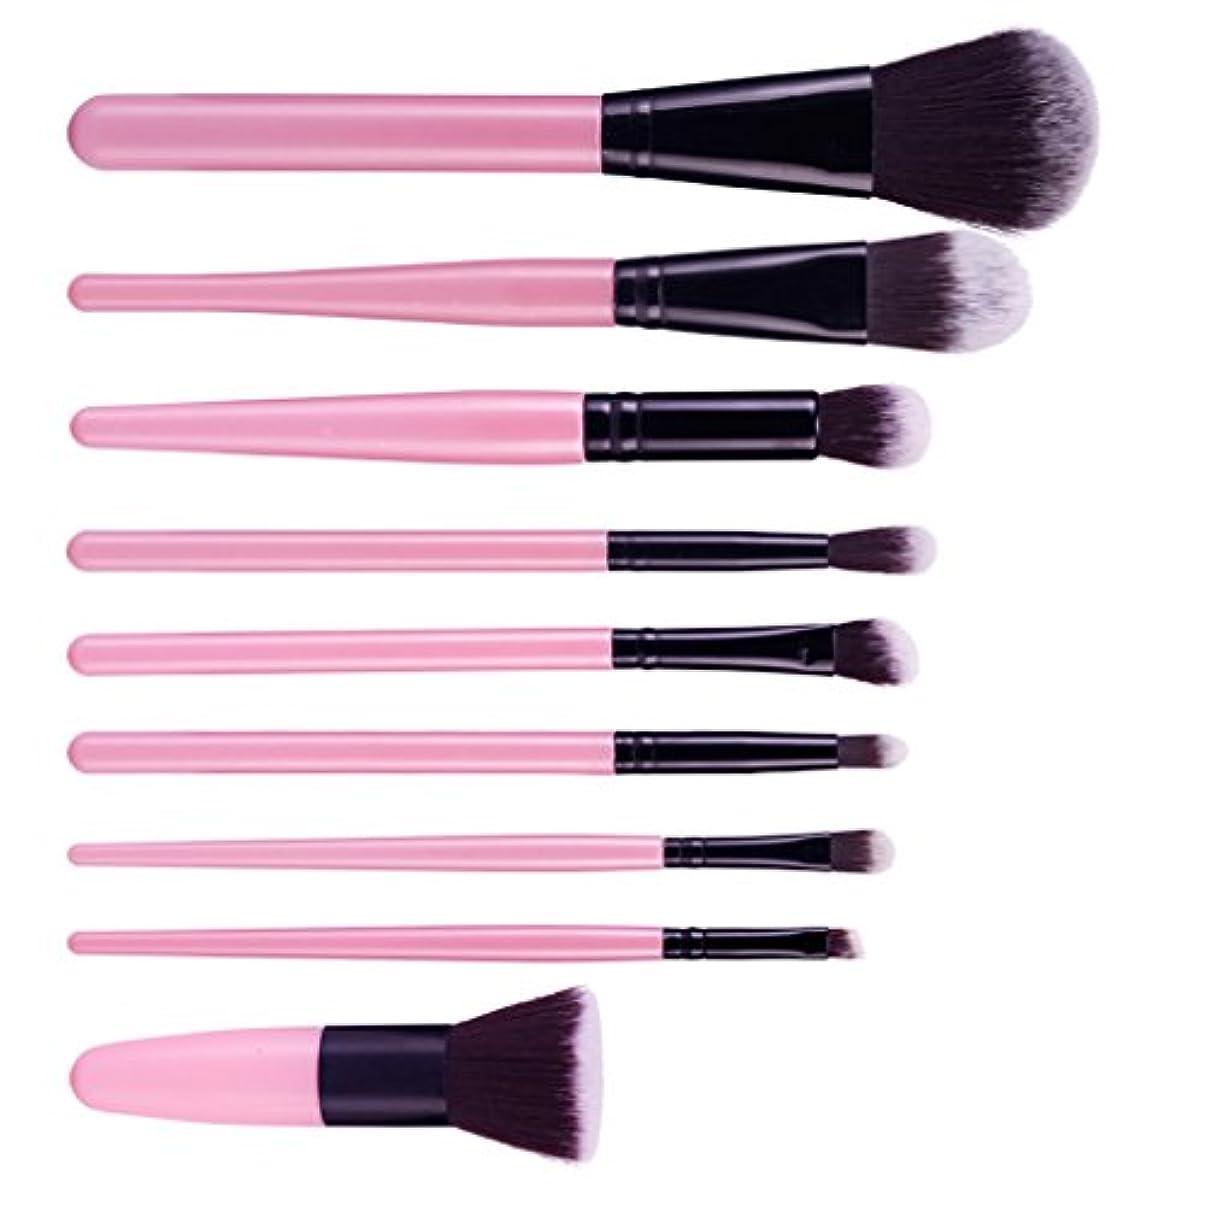 緩む再開重量【ノーブランド品】 メイクブラシ プロ フェッショナル 化粧品 メイクアップ ブラシ セット 9本セット 9色選ぶ  - ピンク+黒